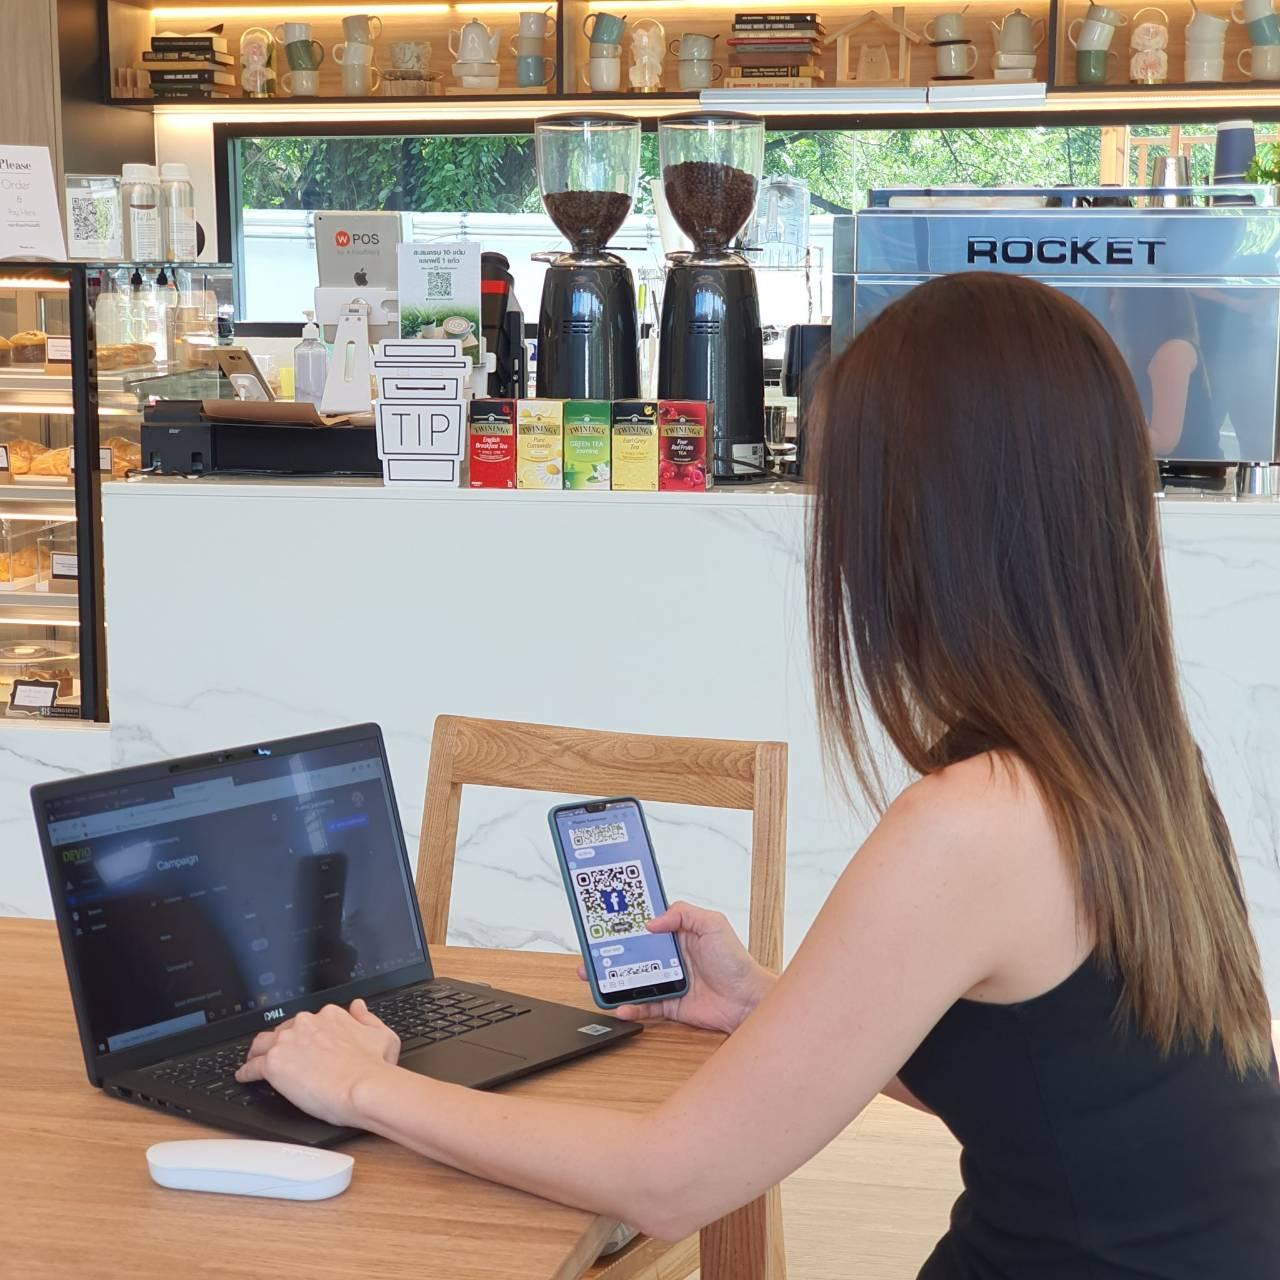 AIS จับมือ LINE ช่วยร้านค้าเจาะใจลูกค้าด้วยโปรโมชั่น Real Time